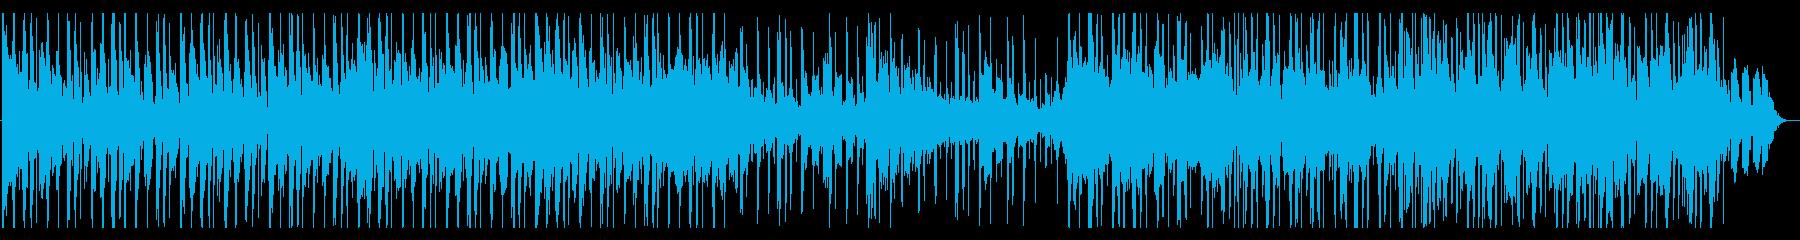 都会/アーバン/R&B_No459_3の再生済みの波形